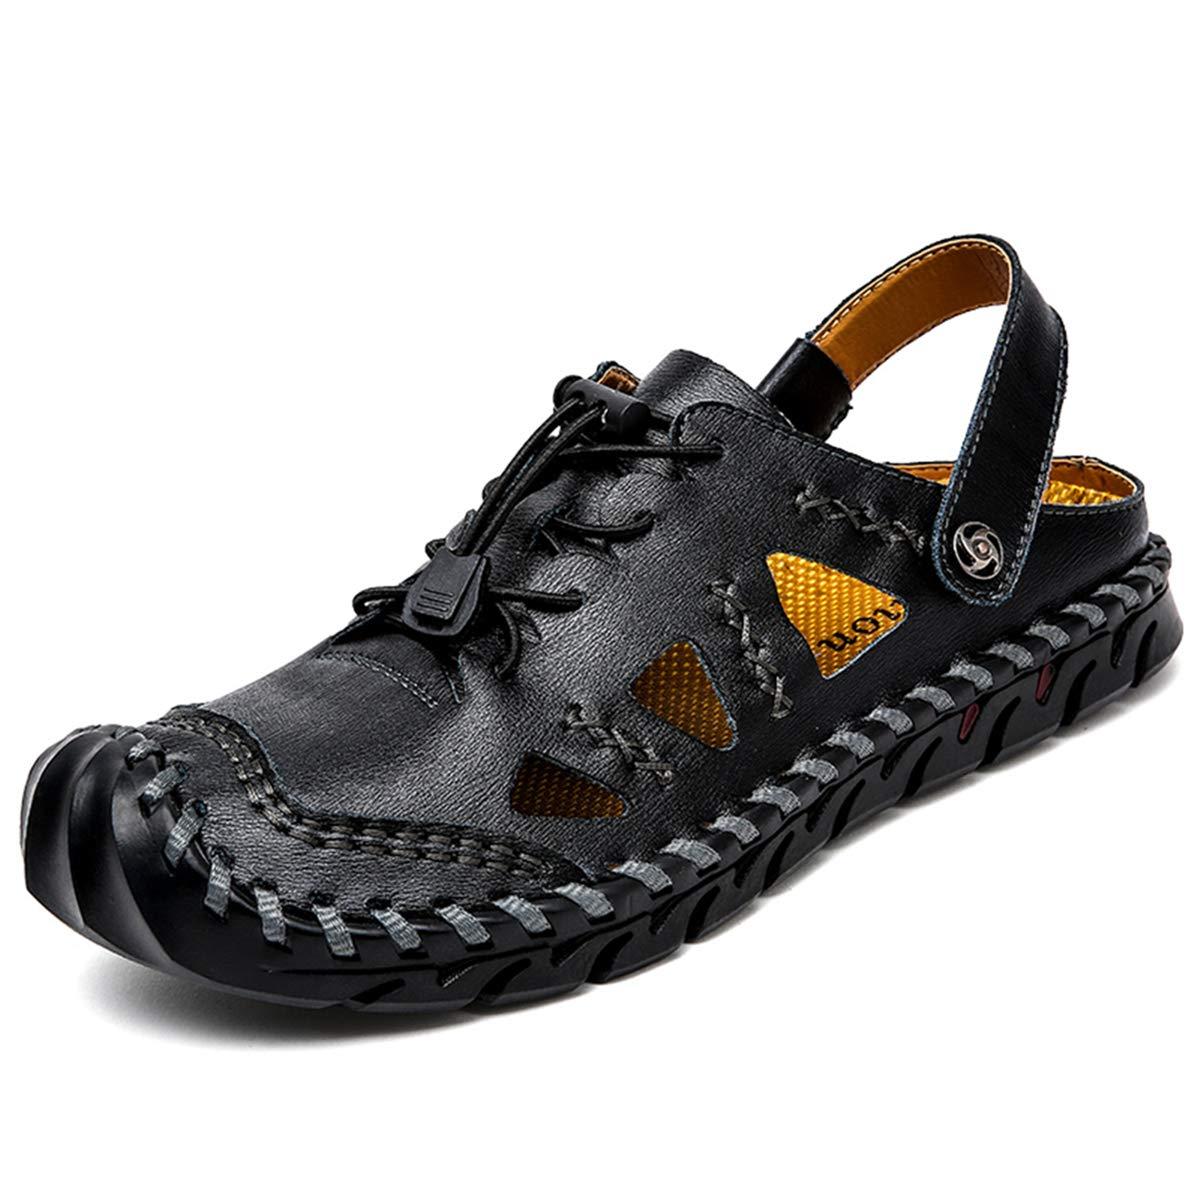 Sandalen Herren Geschlossen Hausschuhe Flip Flops Hiking Smooth Boots Atmungsaktiv Pantoletten Winter A38